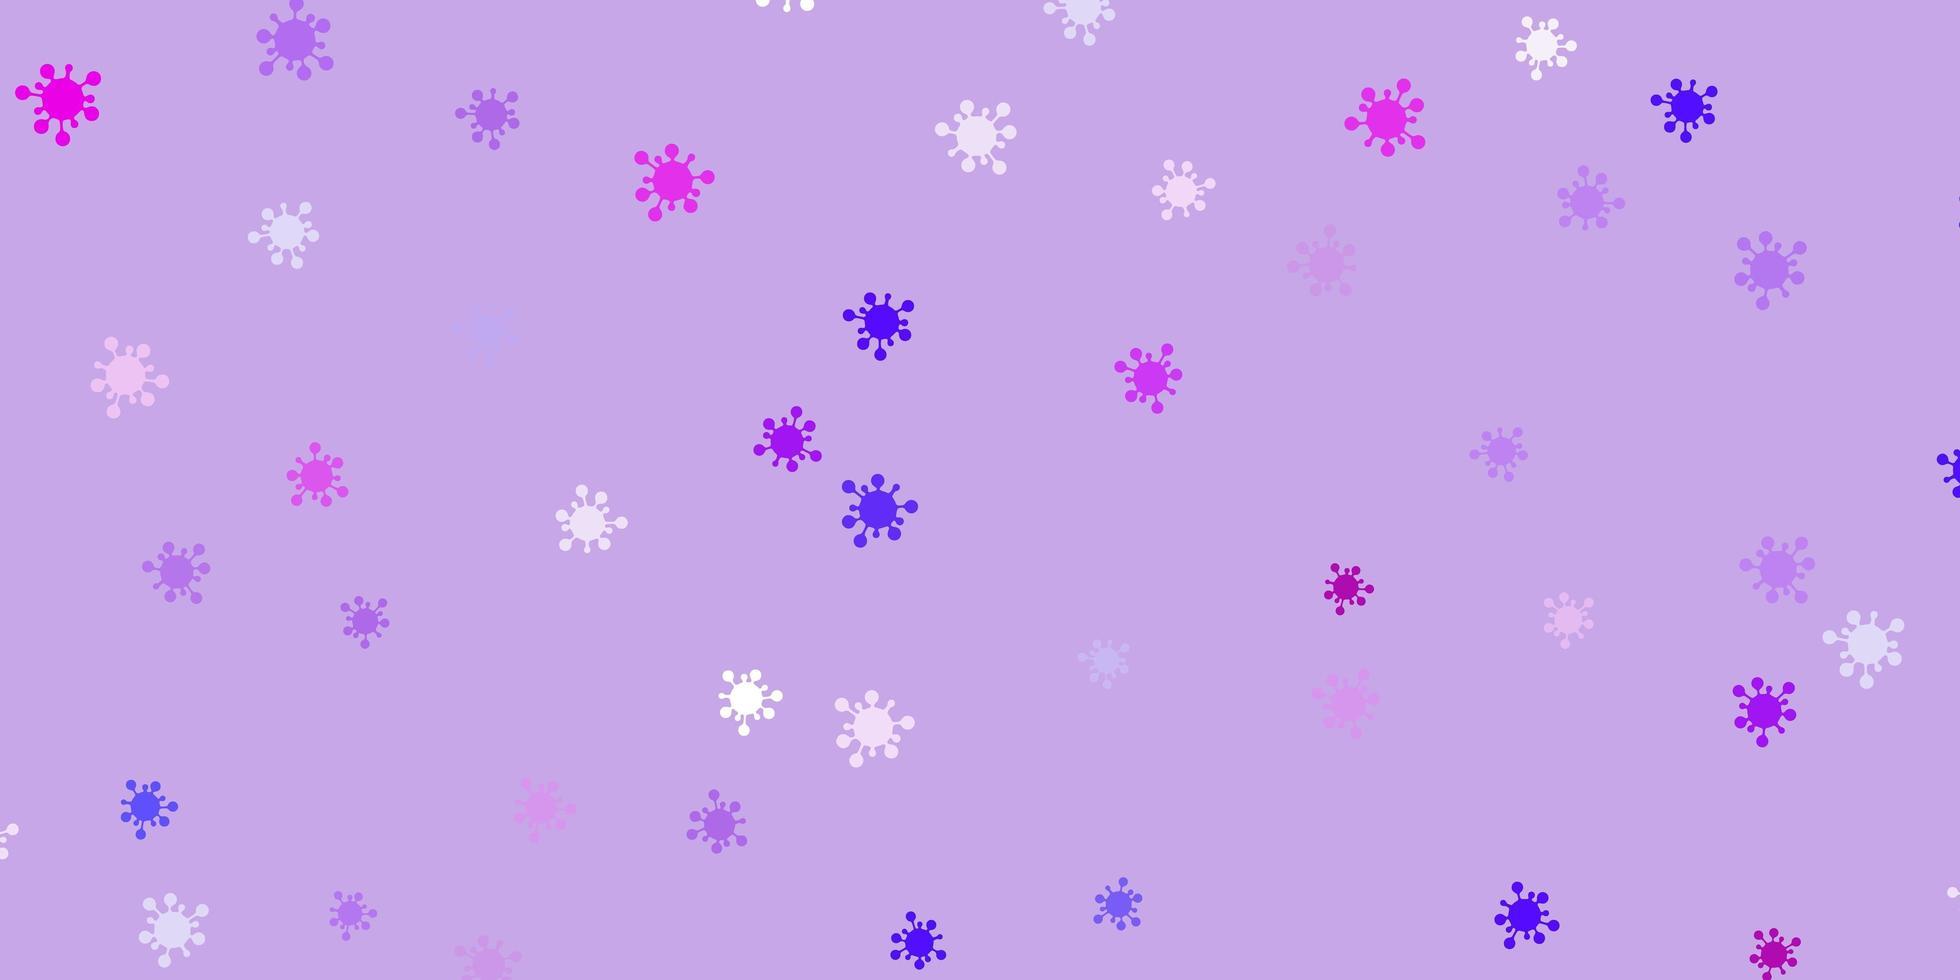 lichtpaarse, roze achtergrond met covid-19 symbolen. vector